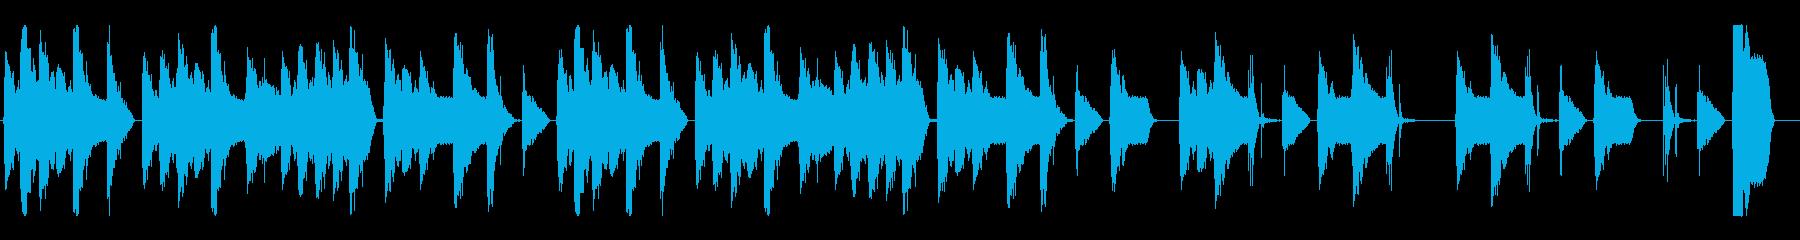 ダンスダブステップジングルの再生済みの波形